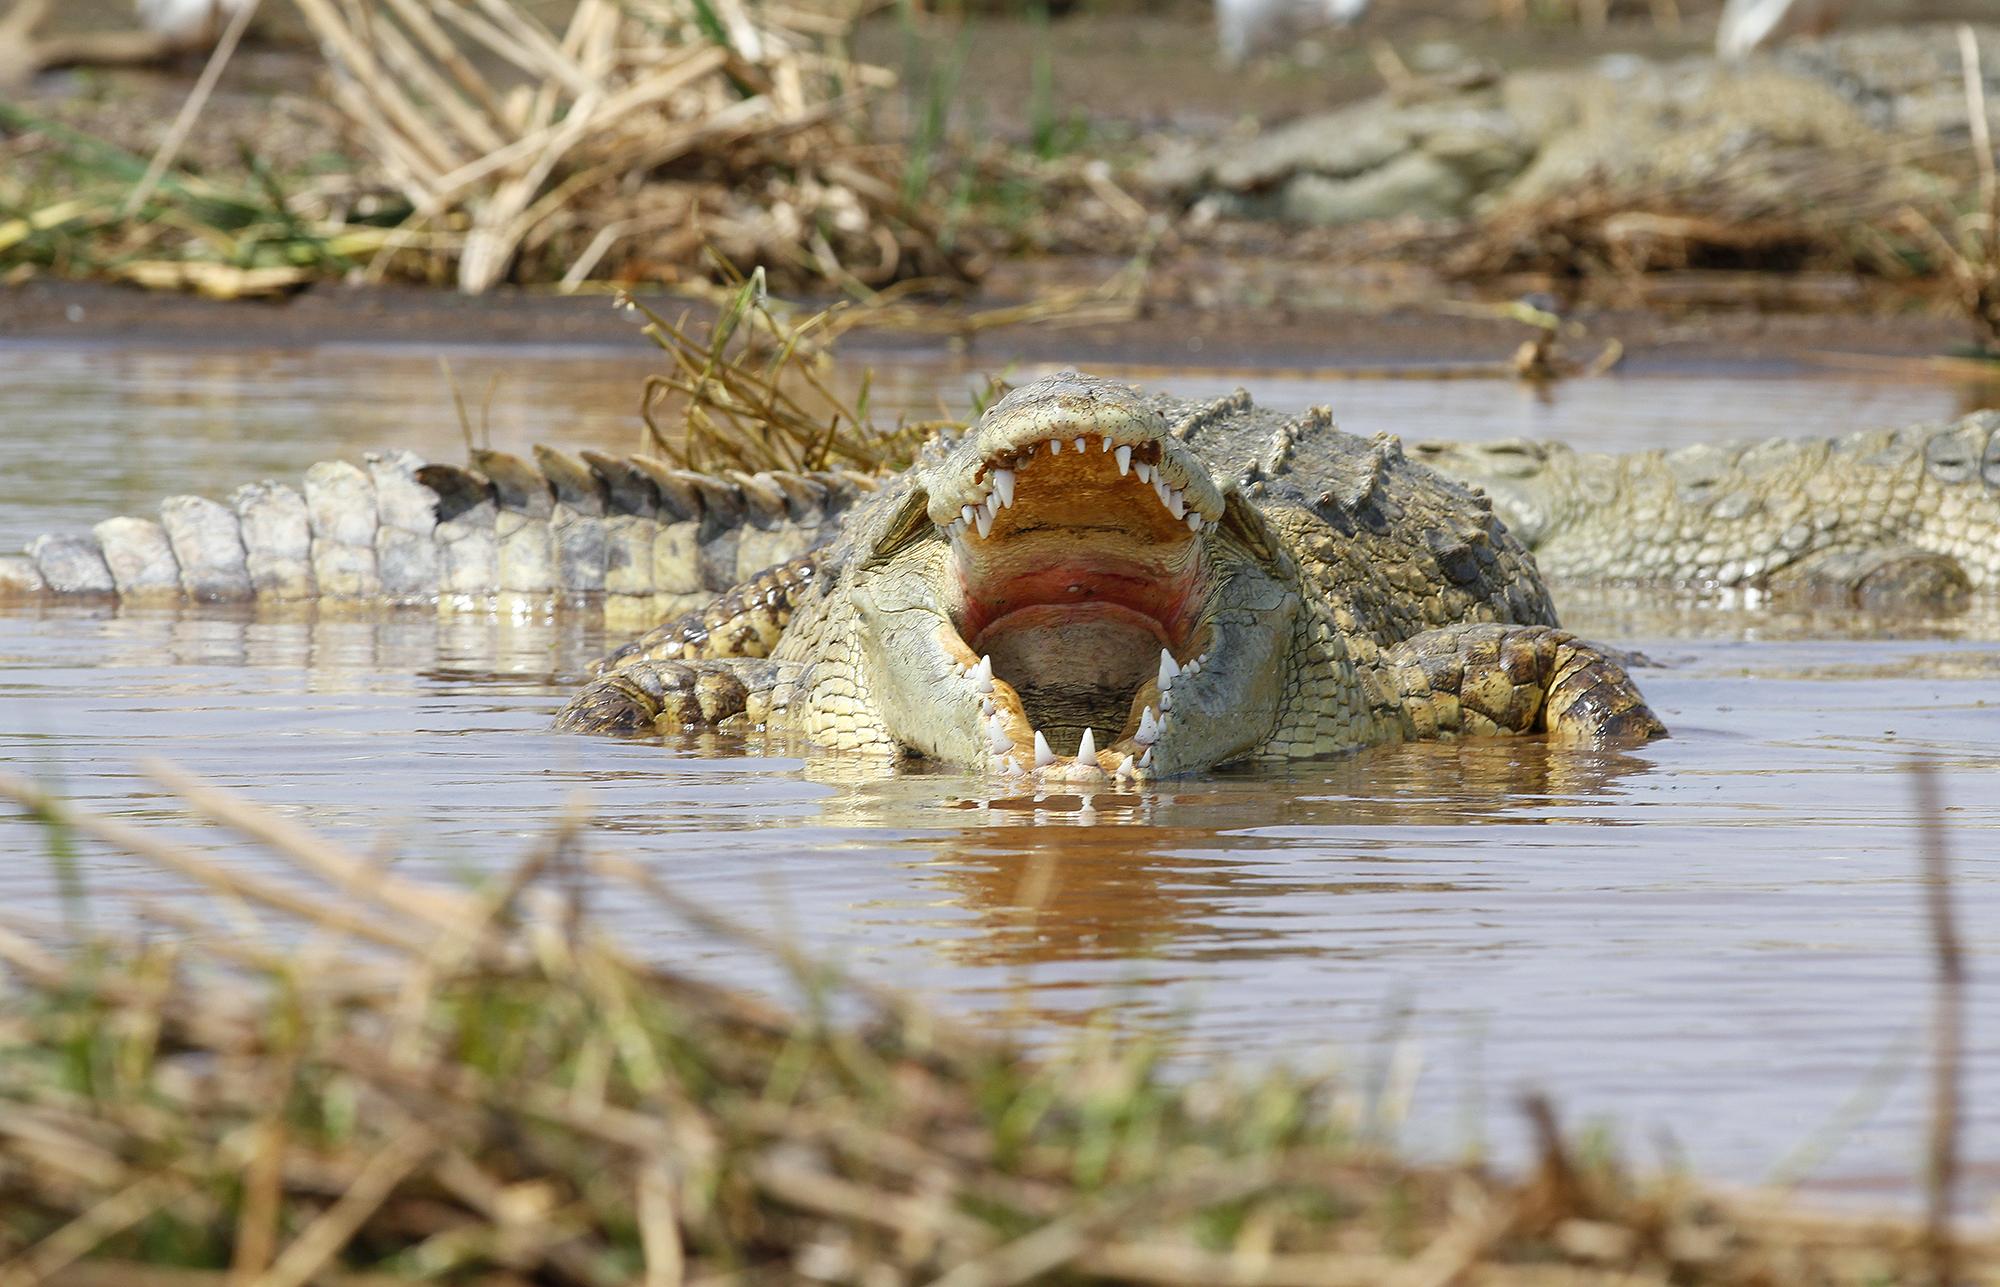 Ethiopian Crocodile...